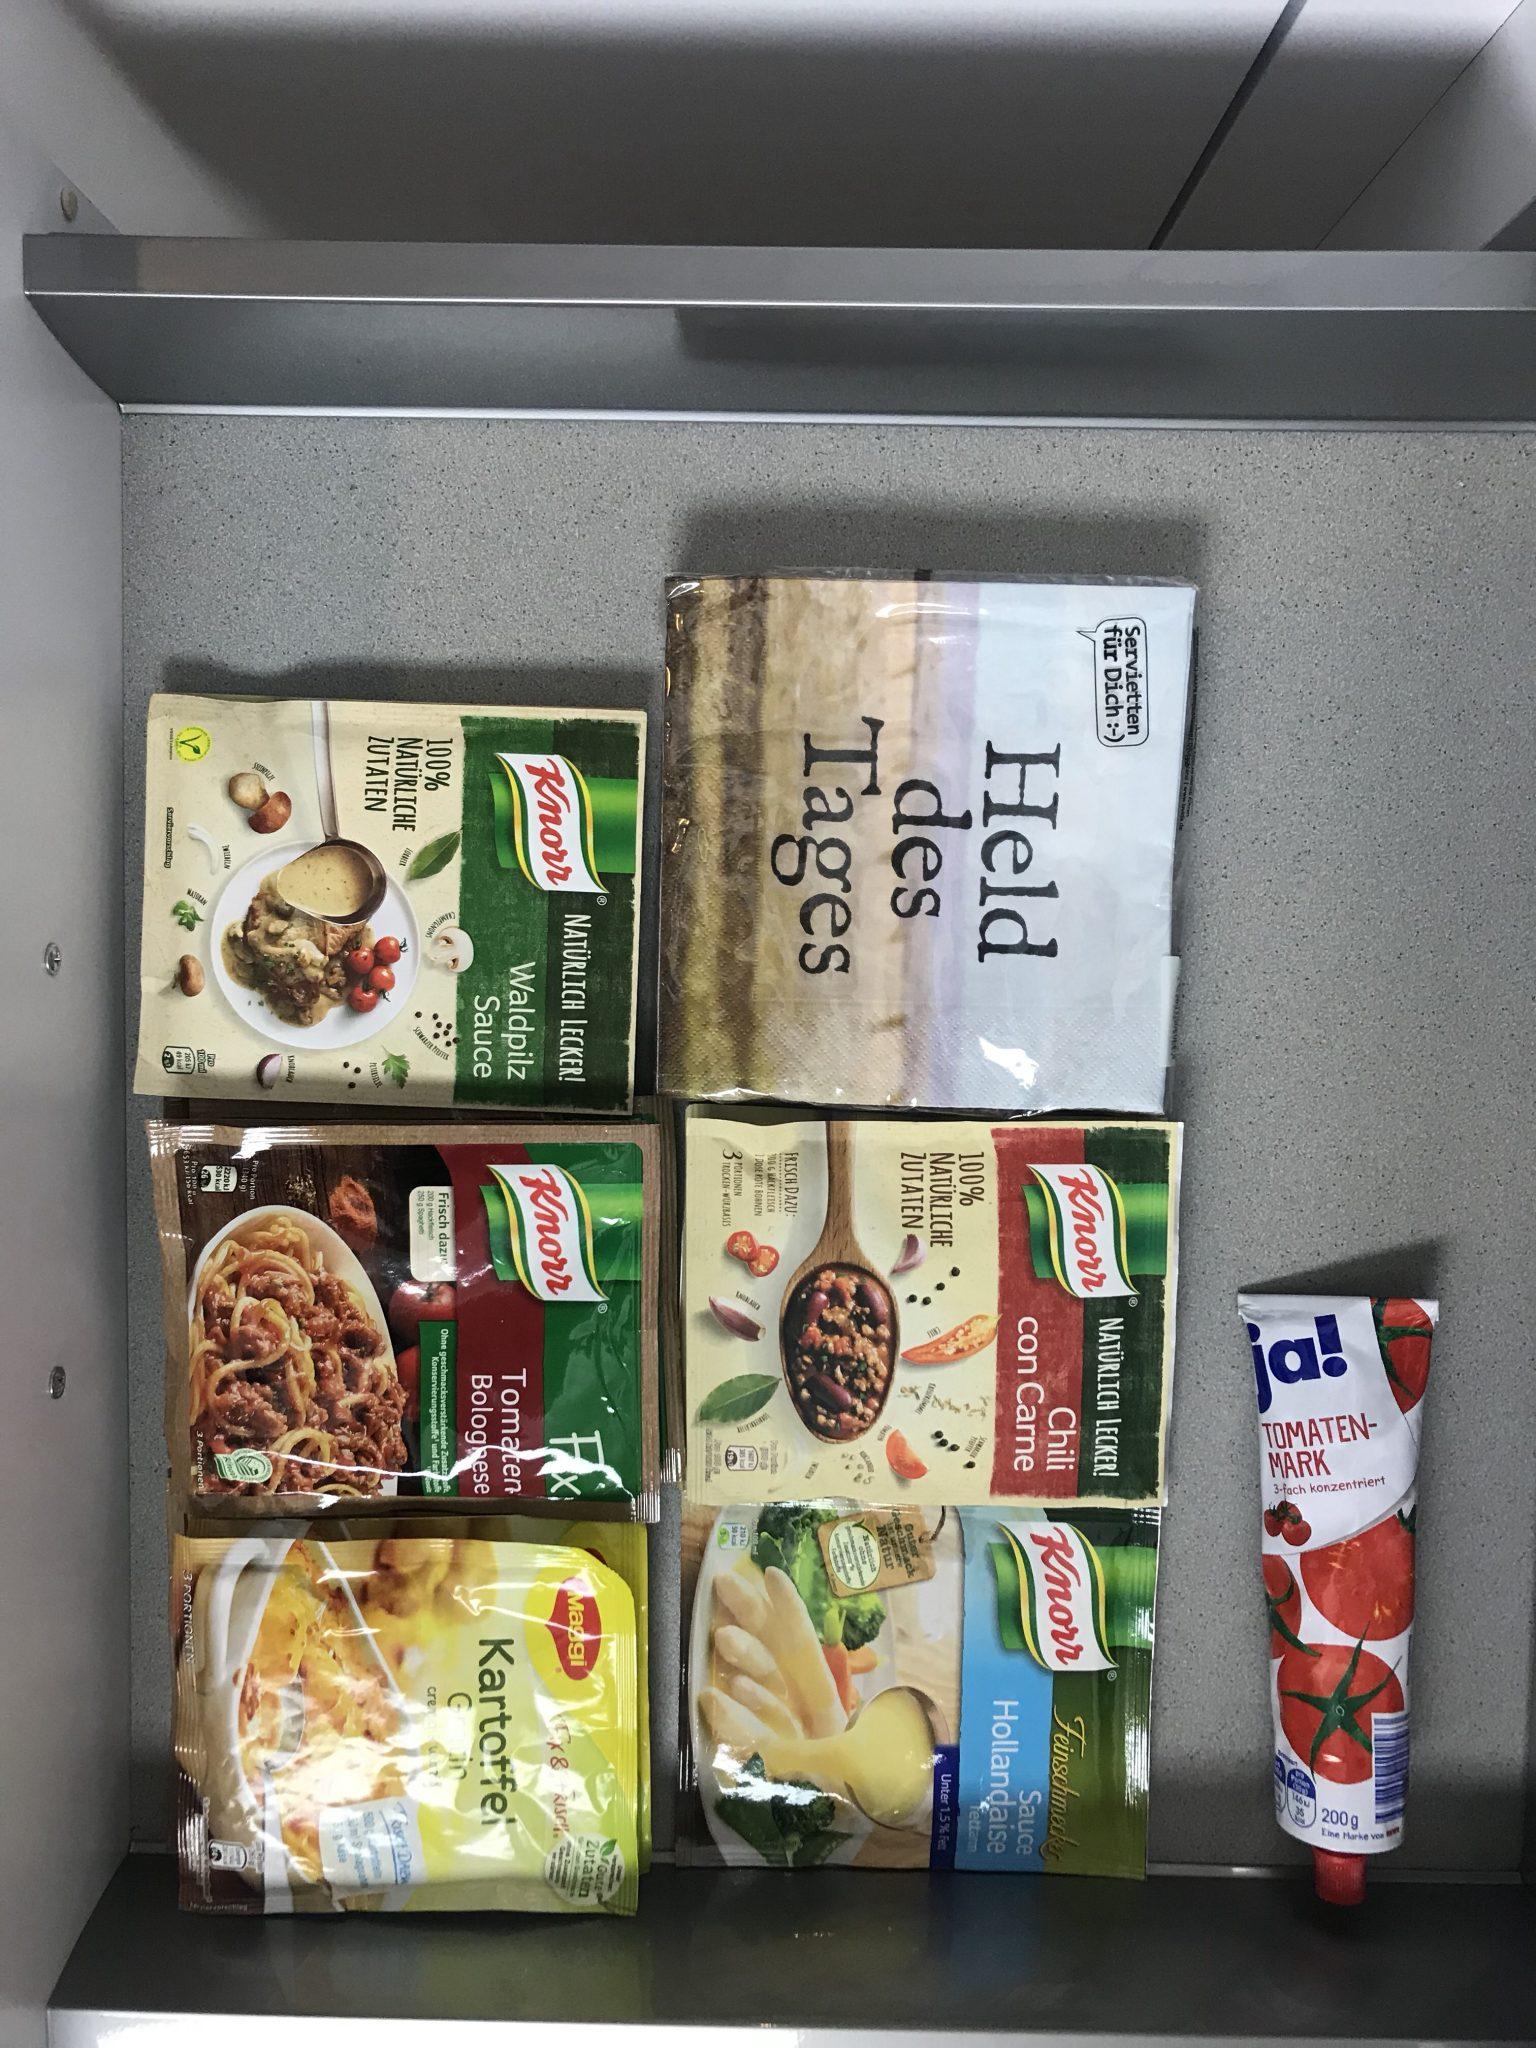 Küche-aufräumen-ordnung-schaffen-minimalismus-gewürzregal-diy